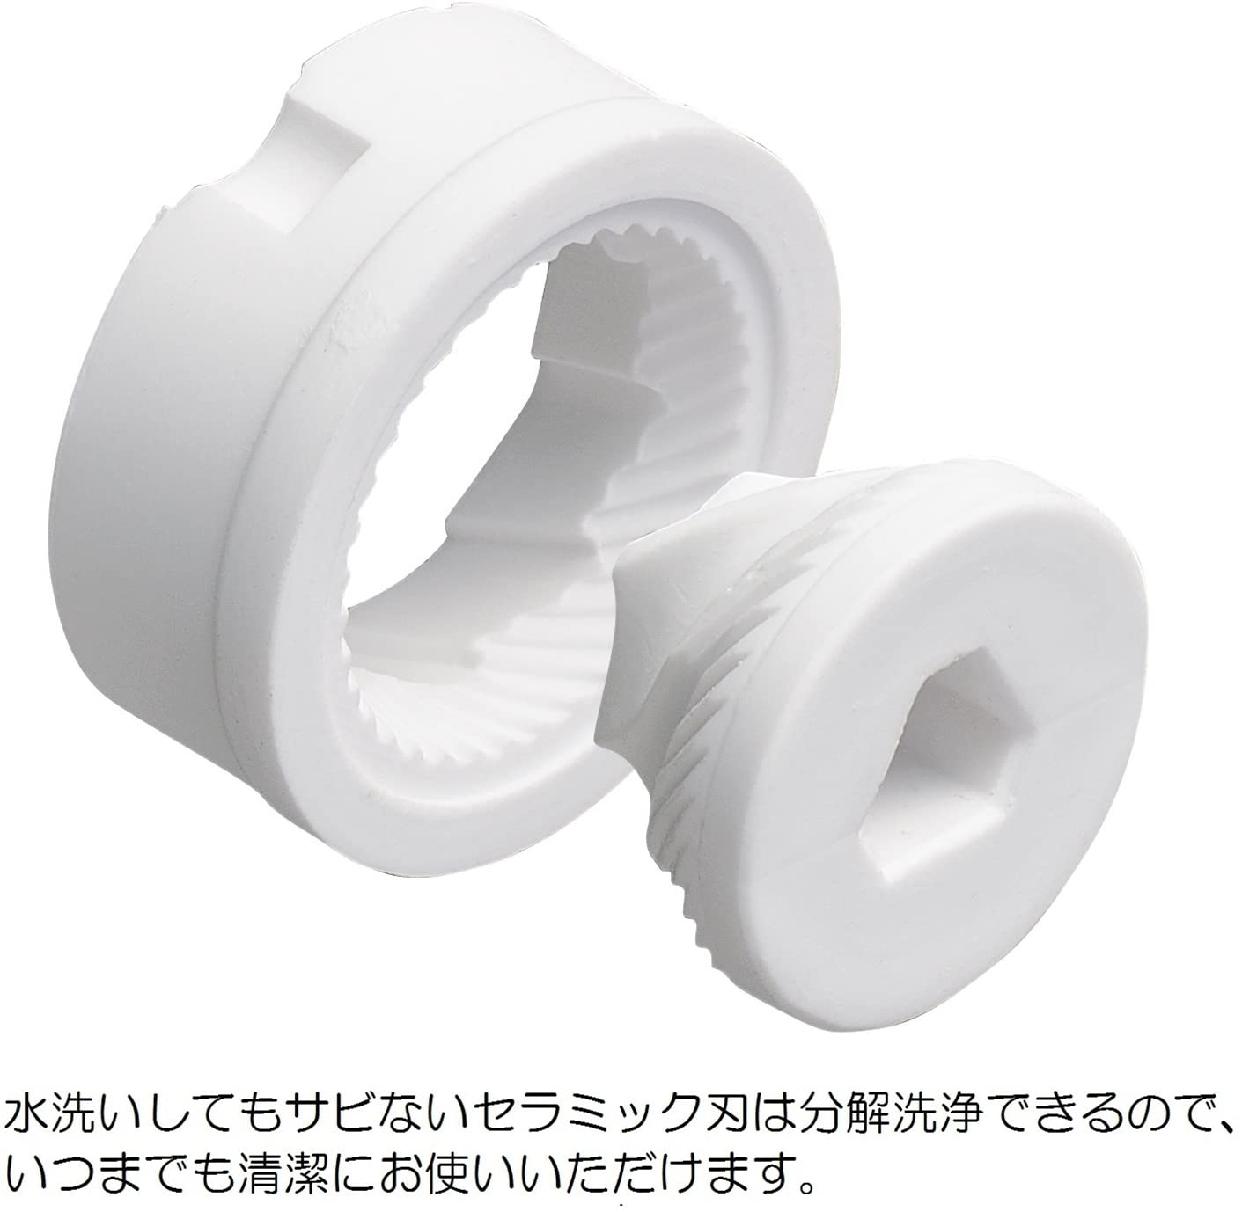 京セラ(キョウセラ)セラミックミル スパイス用の商品画像7